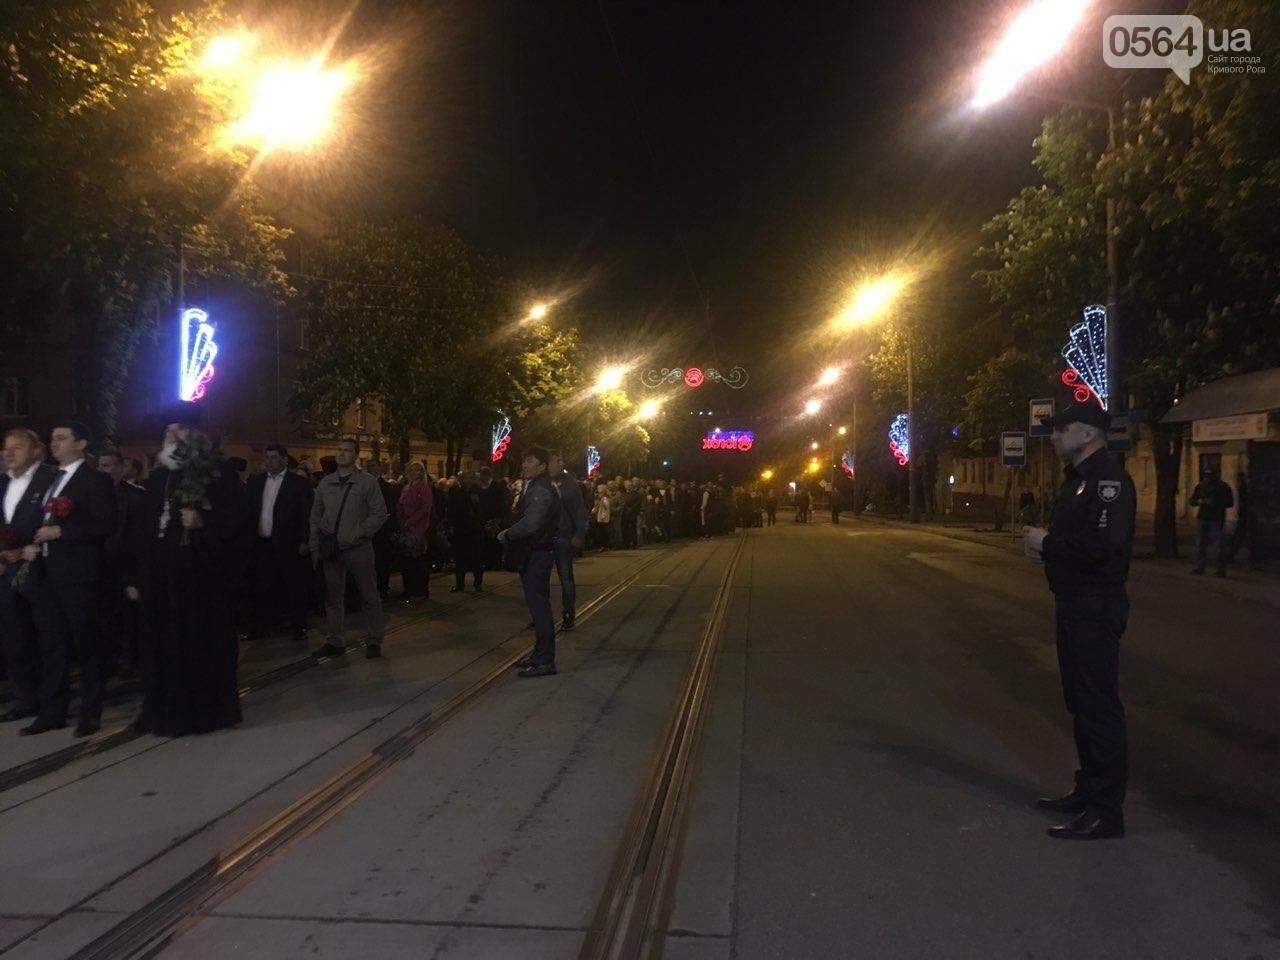 В Кривом Роге затемно начали отмечать День победы над нацизмом во Второй мировой войне, - ФОТО, ВИДЕО, фото-13